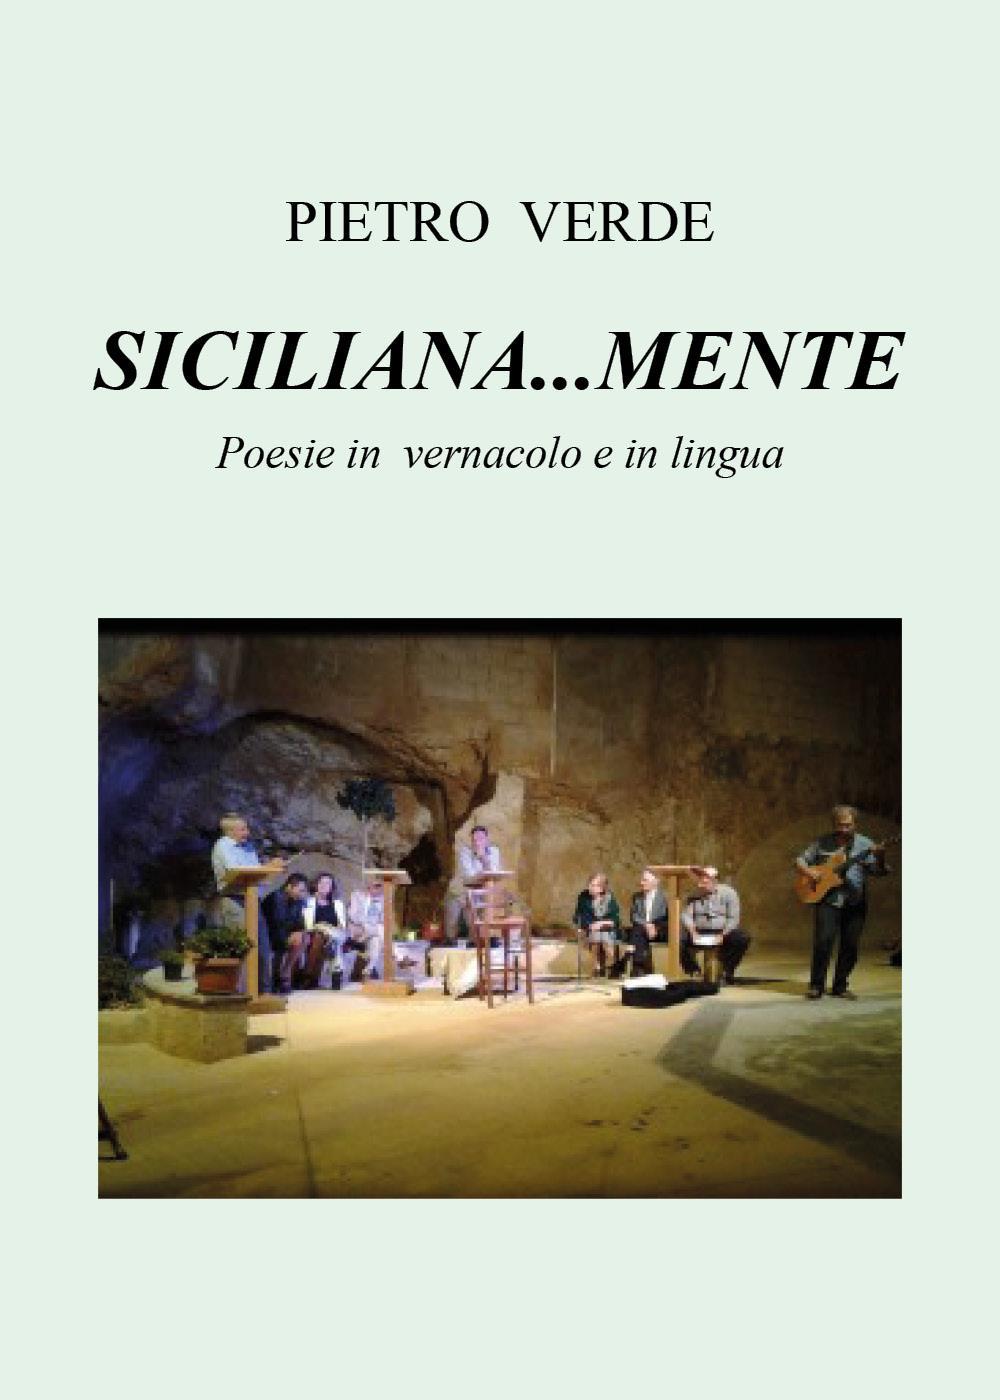 Siciliana...mente